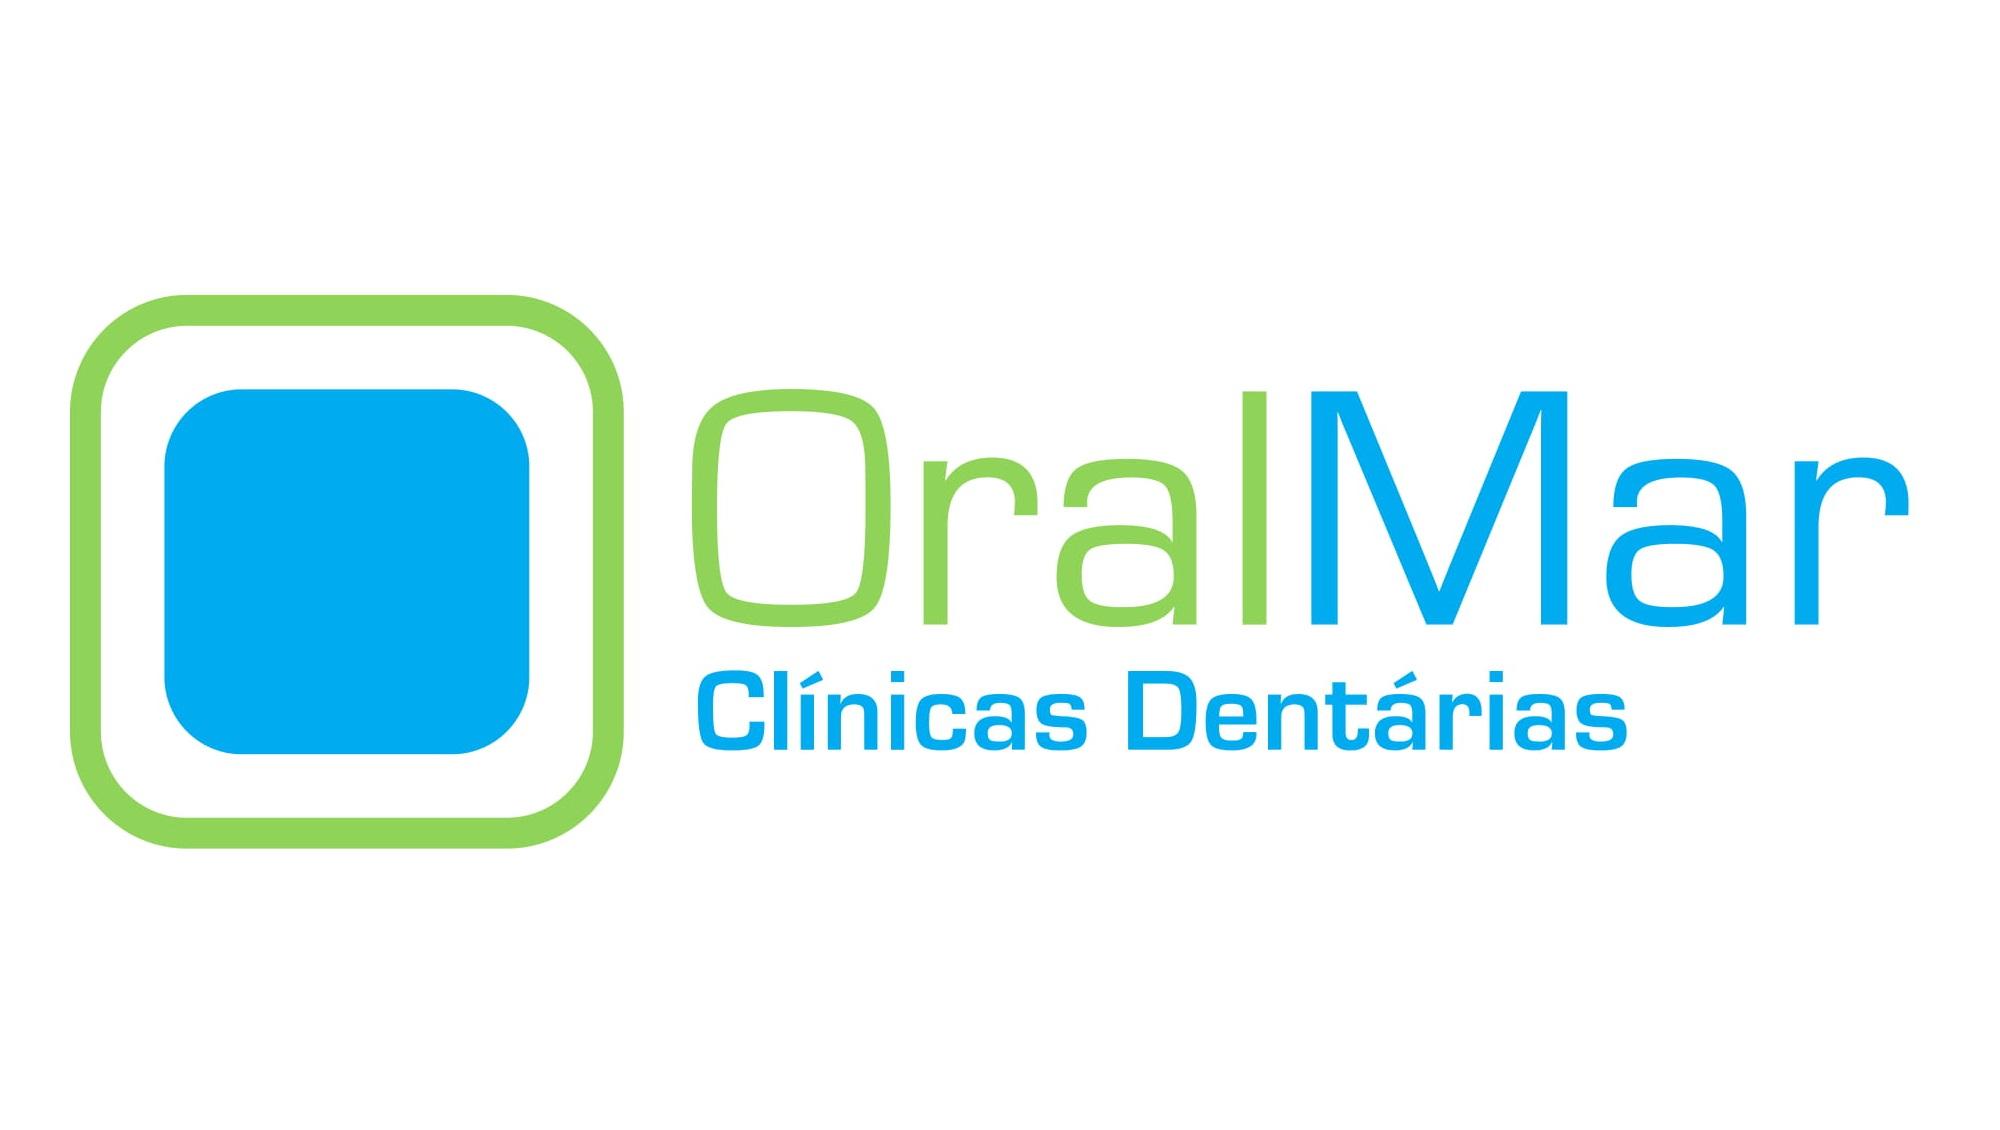 logotipo_Oralmar VECTORIAL-1